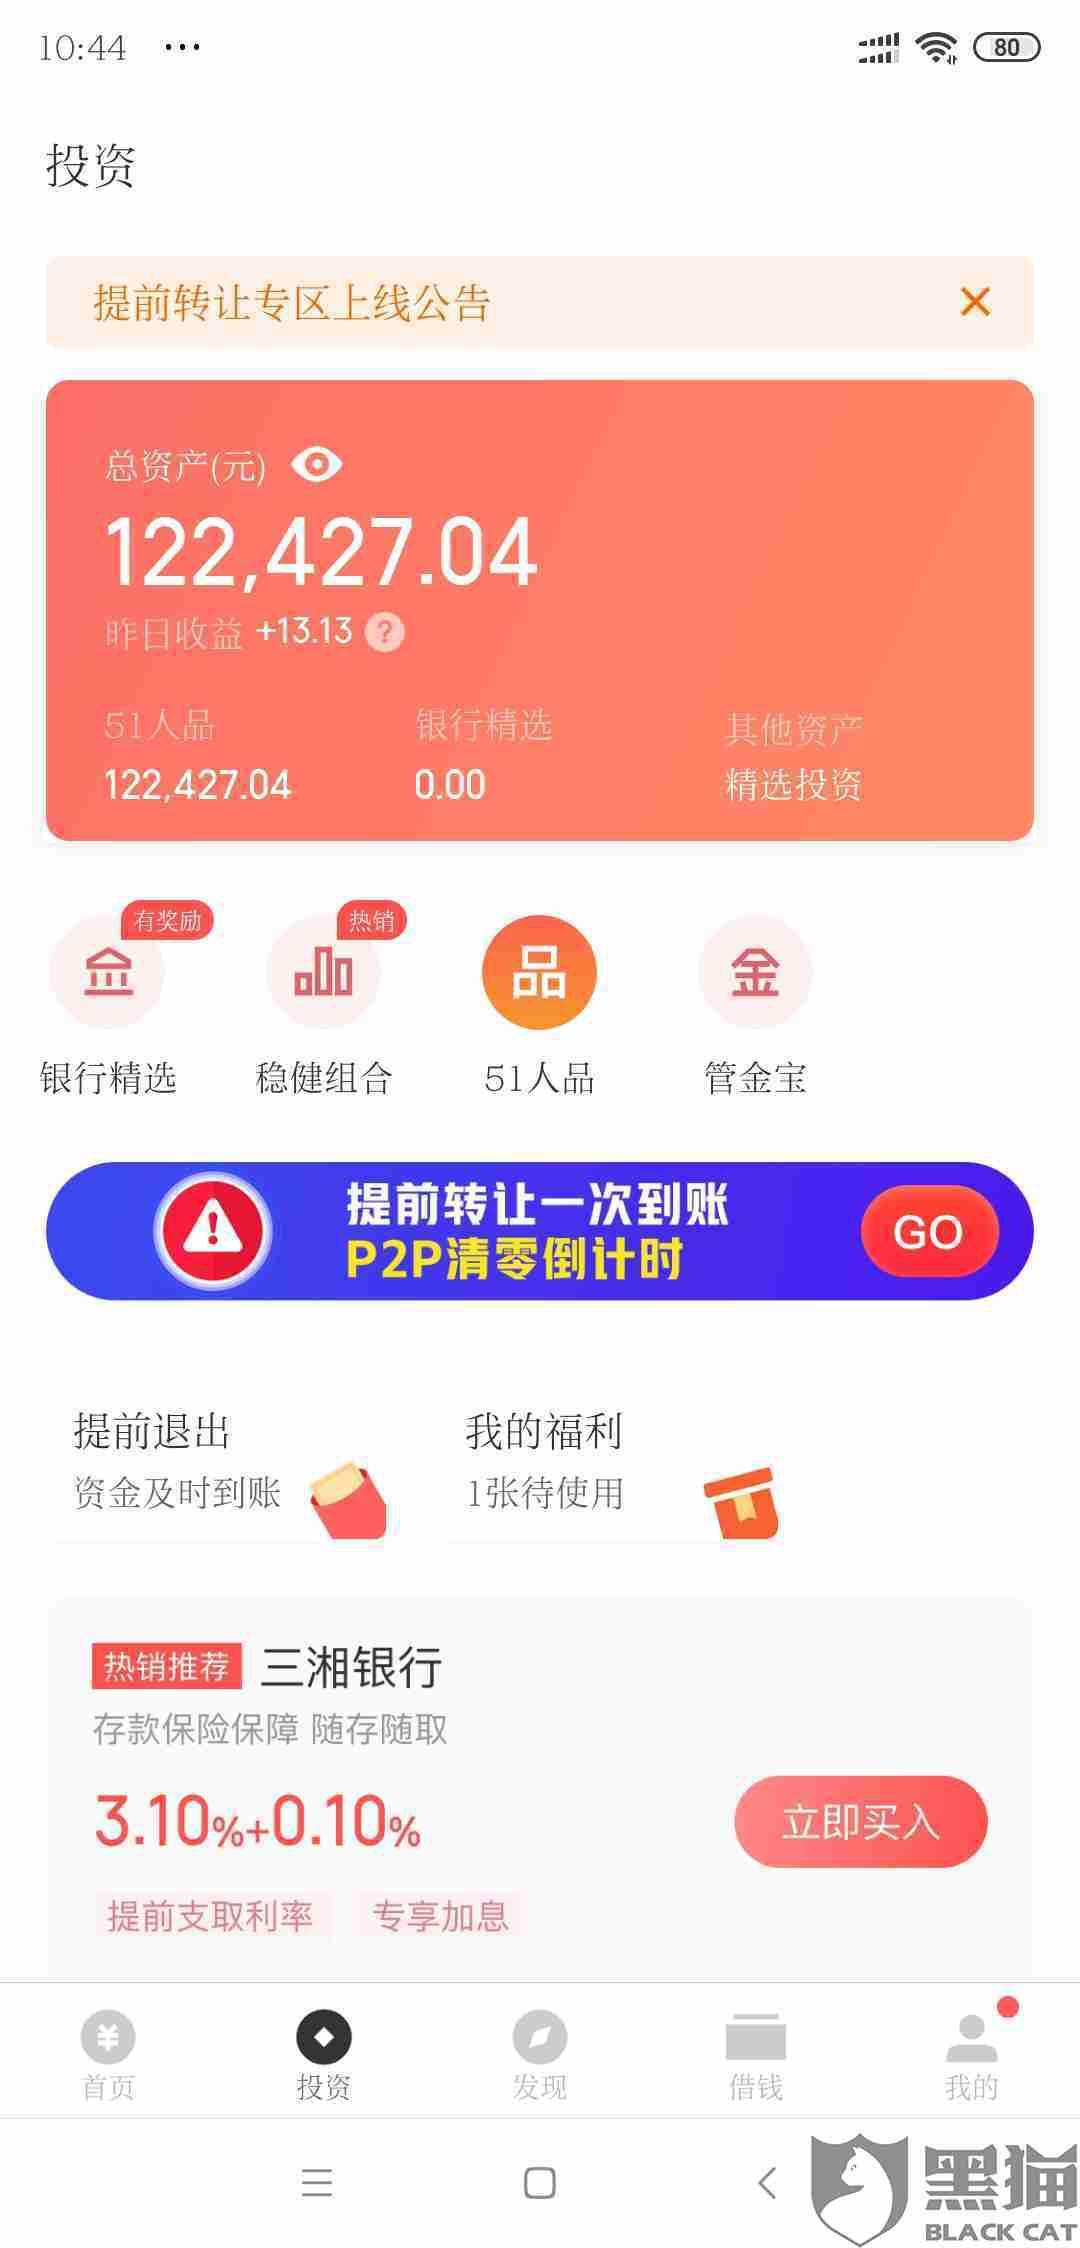 黑猫投诉:杭州51人品app说P2P业务出清,让我把存的钱提出来,但是只能打折转让给第三方